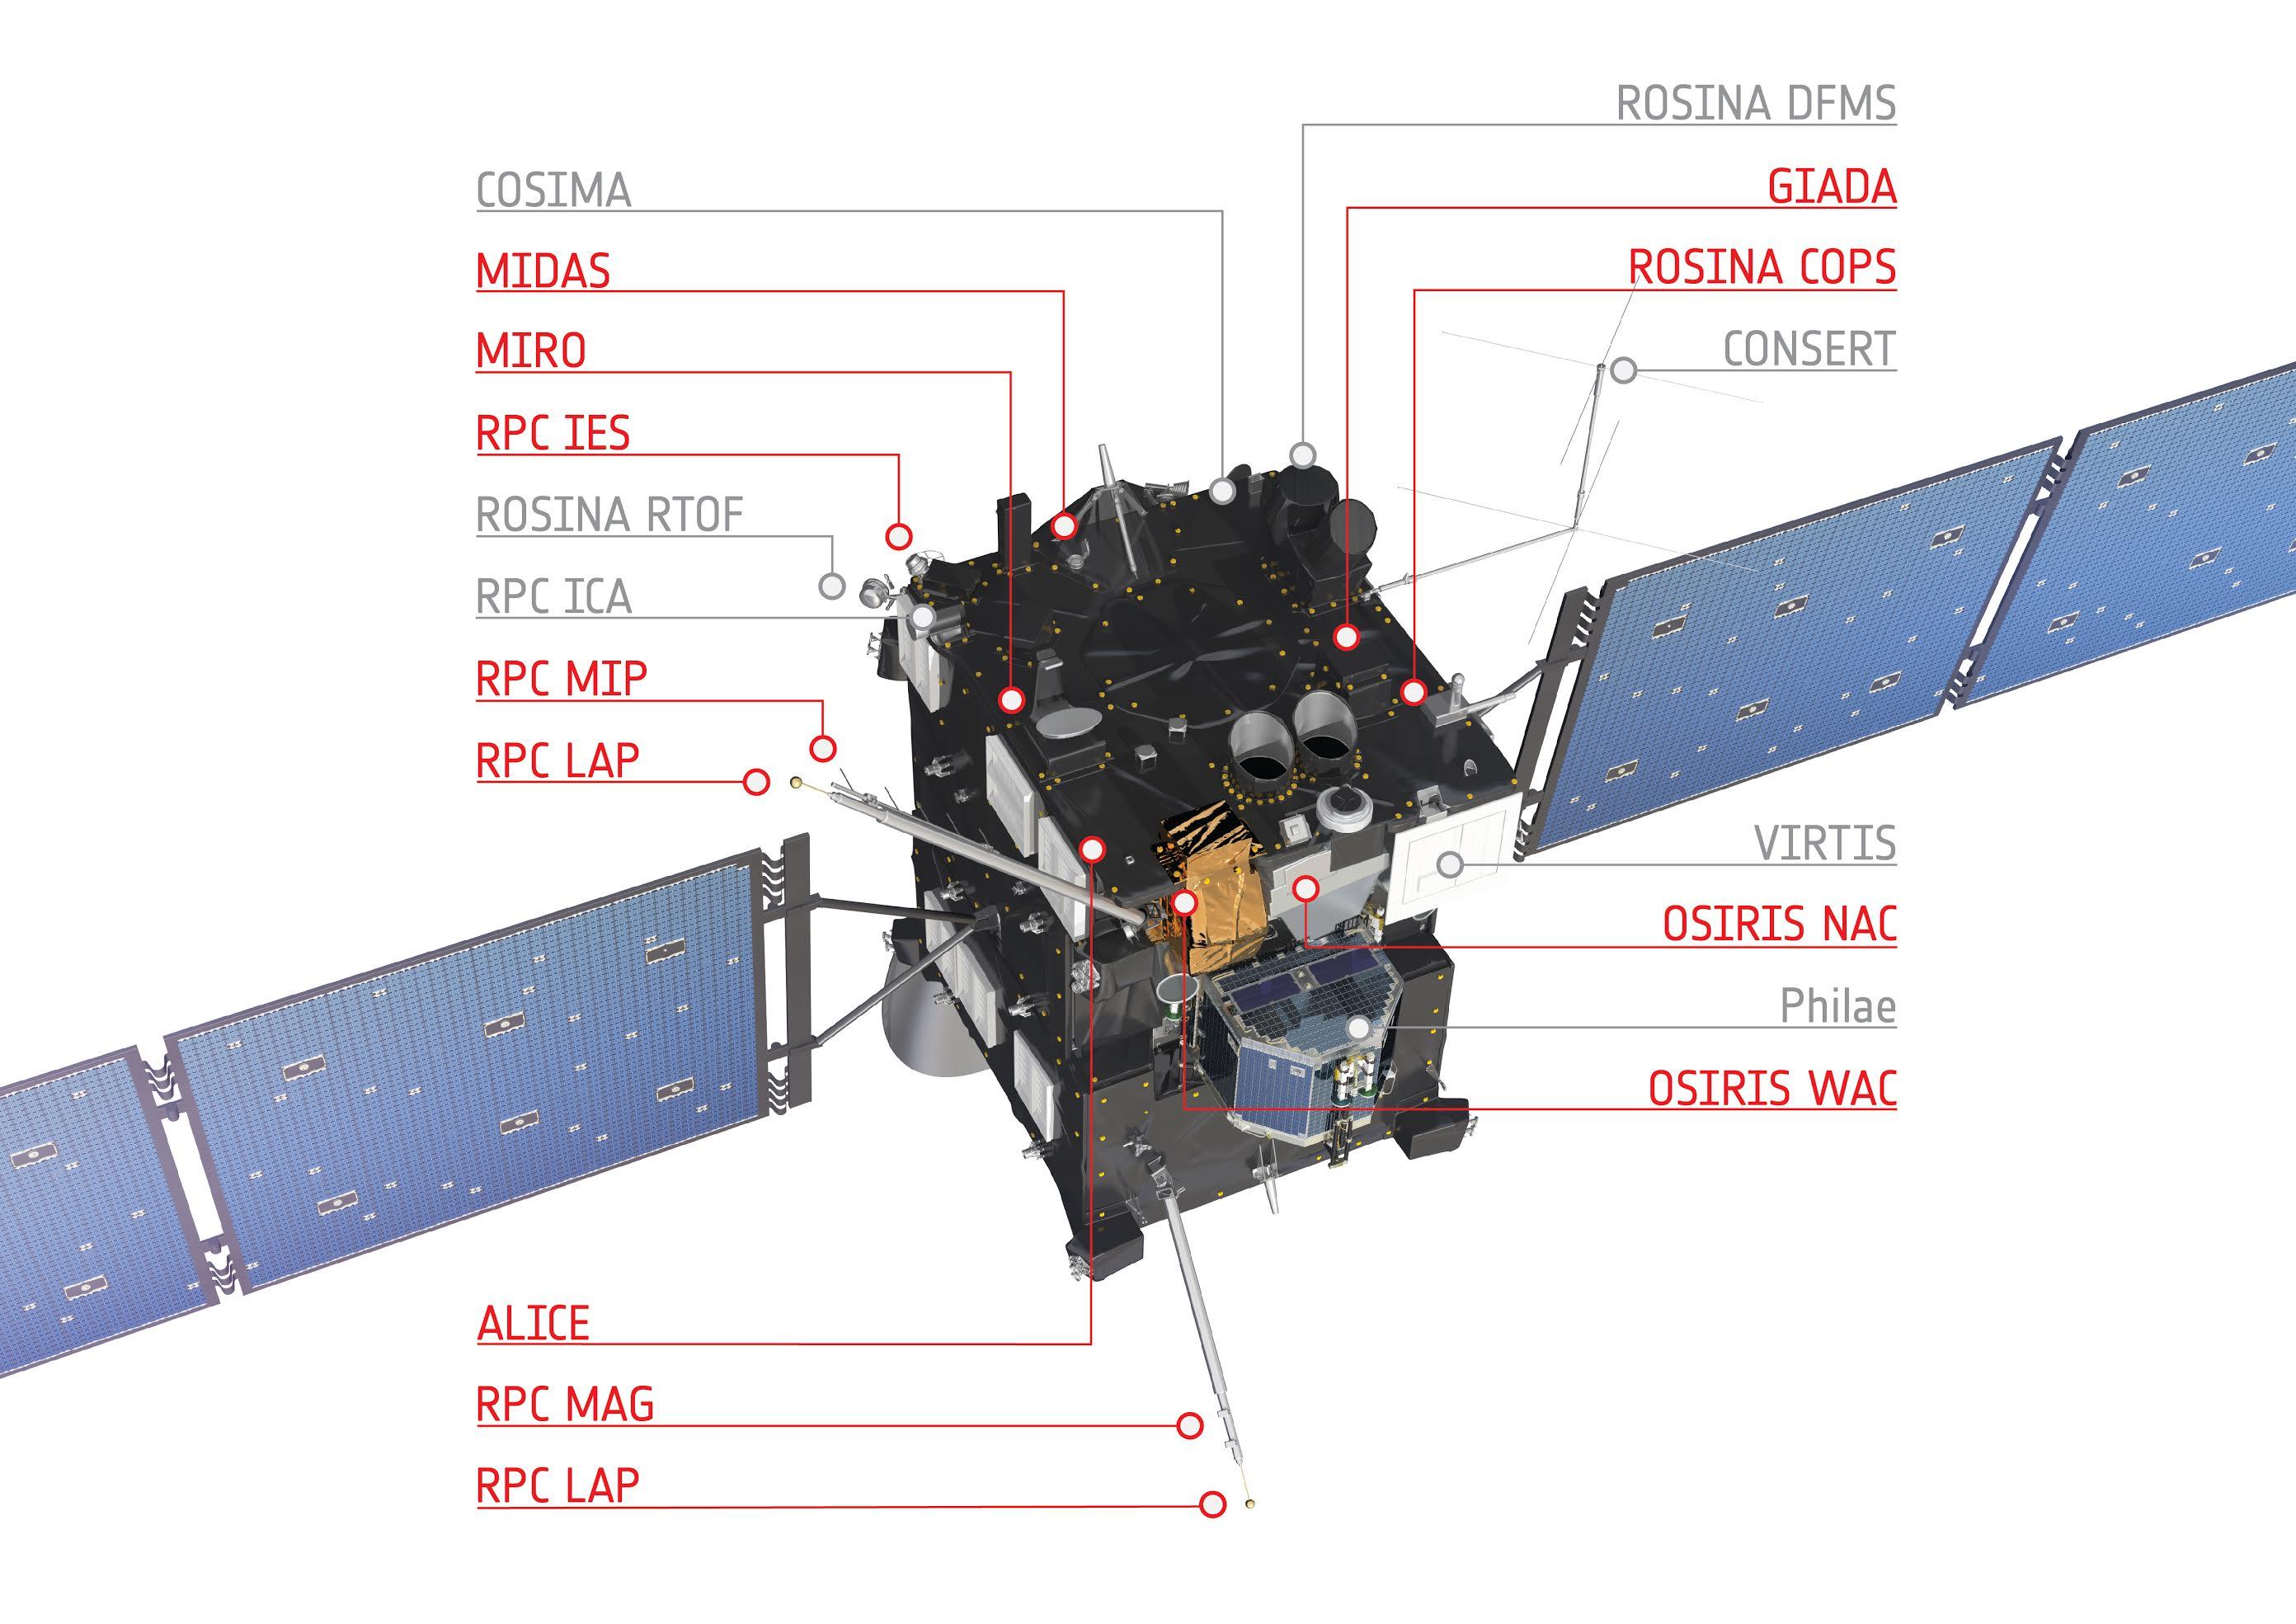 1567215336273-ESA_Rosetta_67P_20160219_Outburst_Instruments.jpg